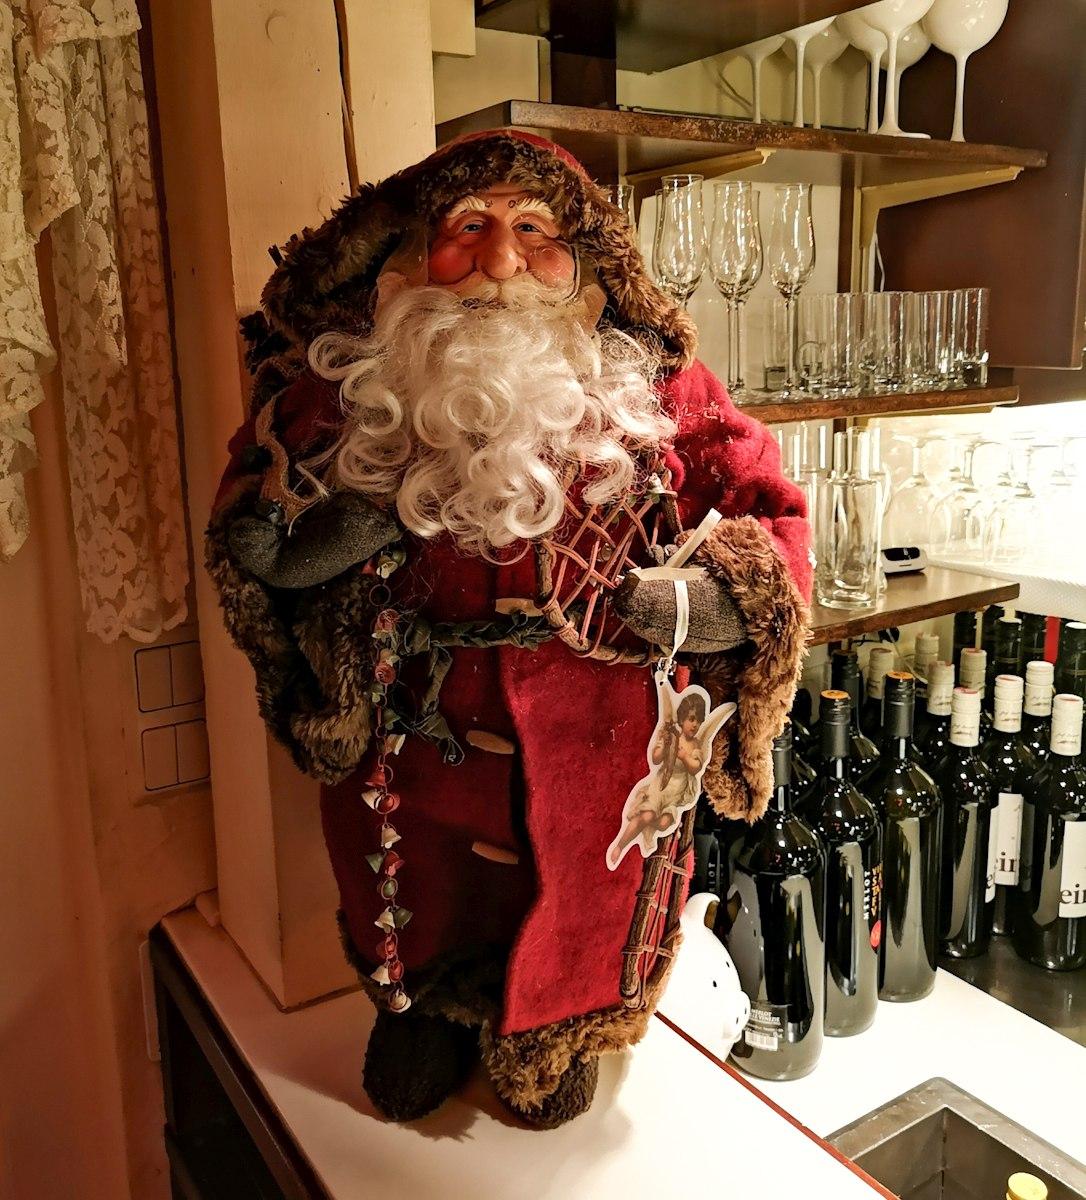 Restaurant Loretto Weihnachtsfeier 7 - Weihnachtsfeier Klagenfurt im Restaurant Maria Loretto